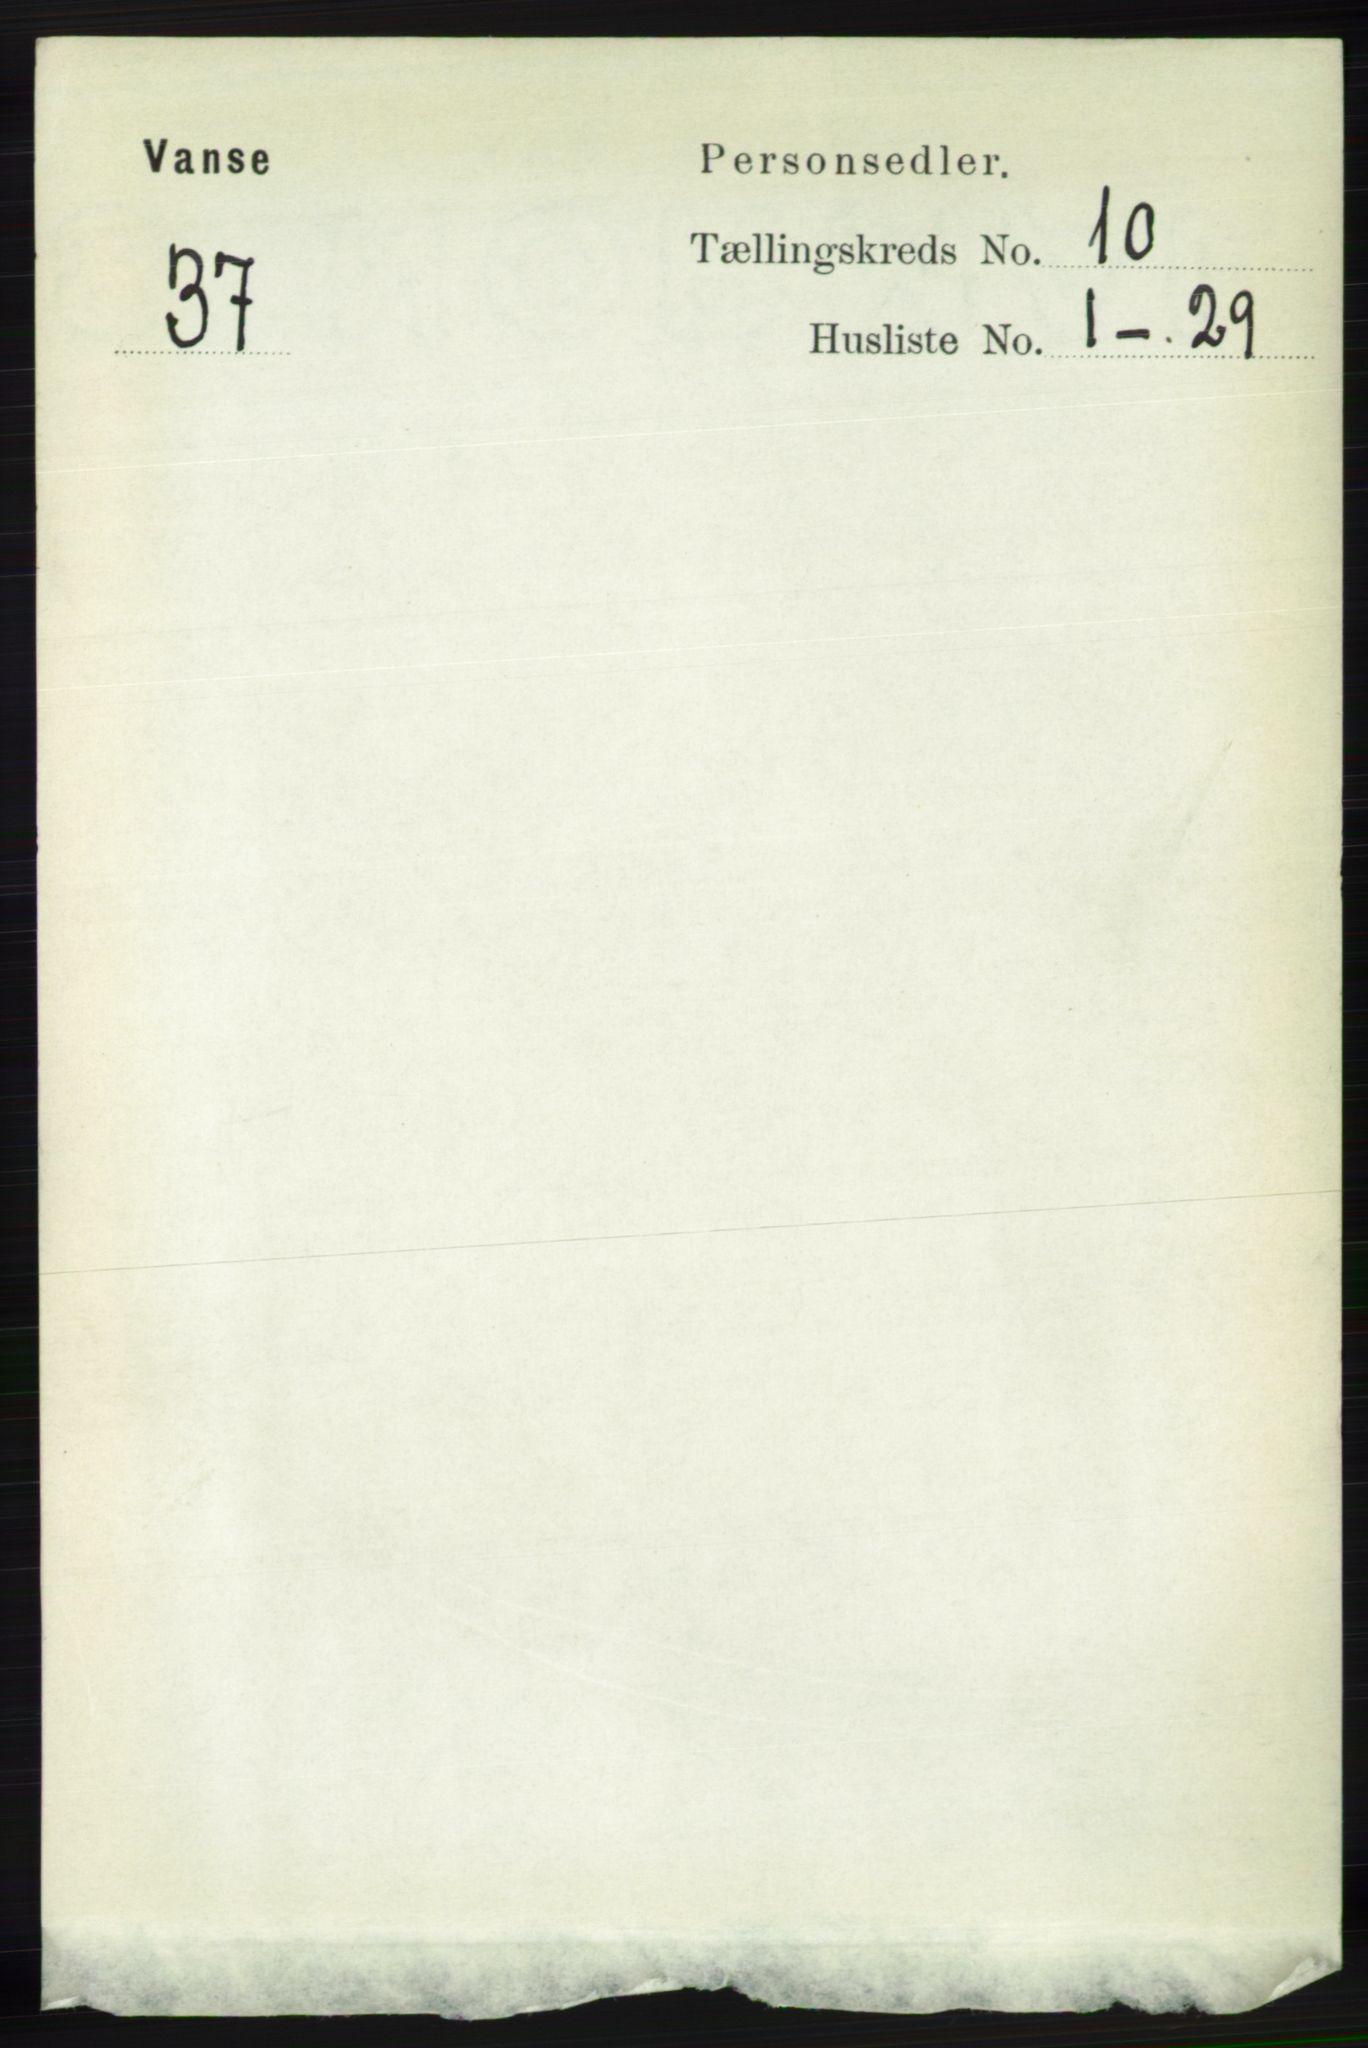 RA, Folketelling 1891 for 1041 Vanse herred, 1891, s. 5625